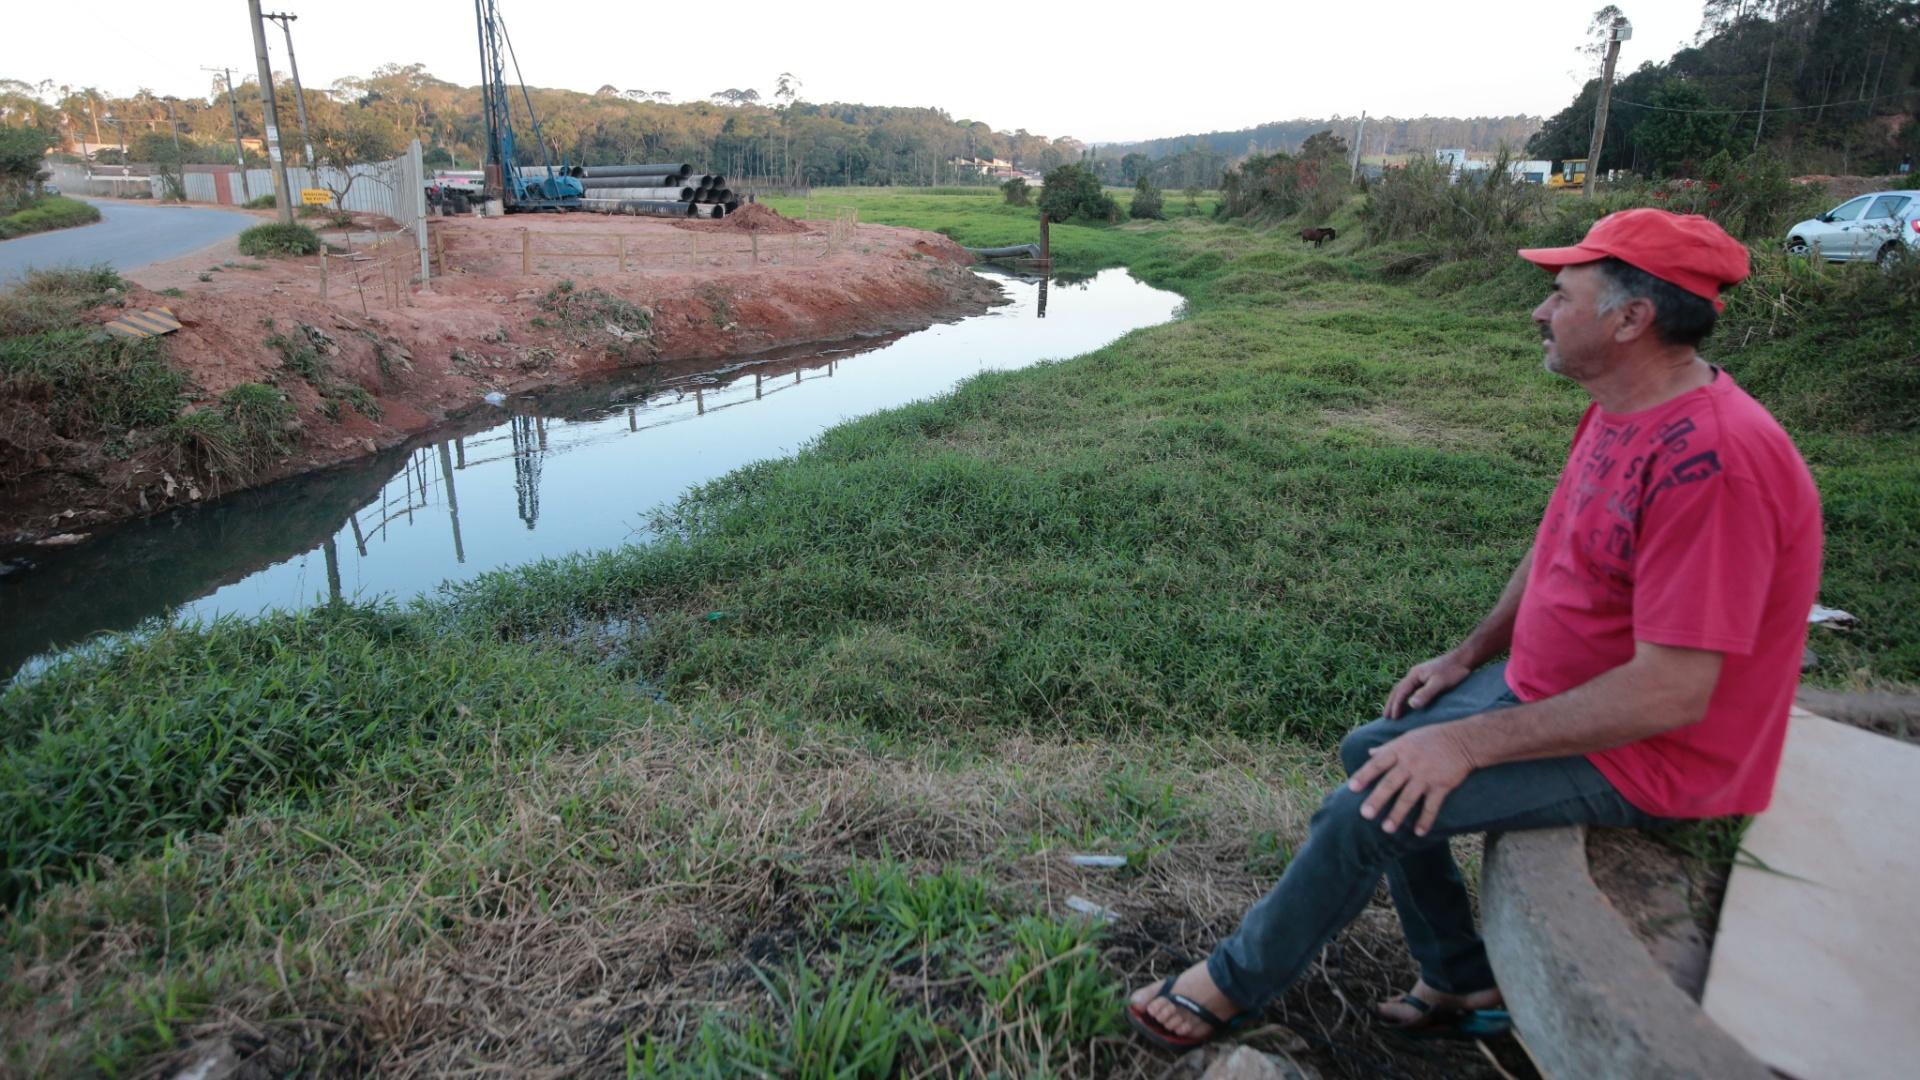 17.ago.2015 - Jair Ramos, 59, observa o nível baixo do rio Guaió, do qual a Sabesp deveria captar água após ter investido R$ 28,9 milhões em uma transposição para